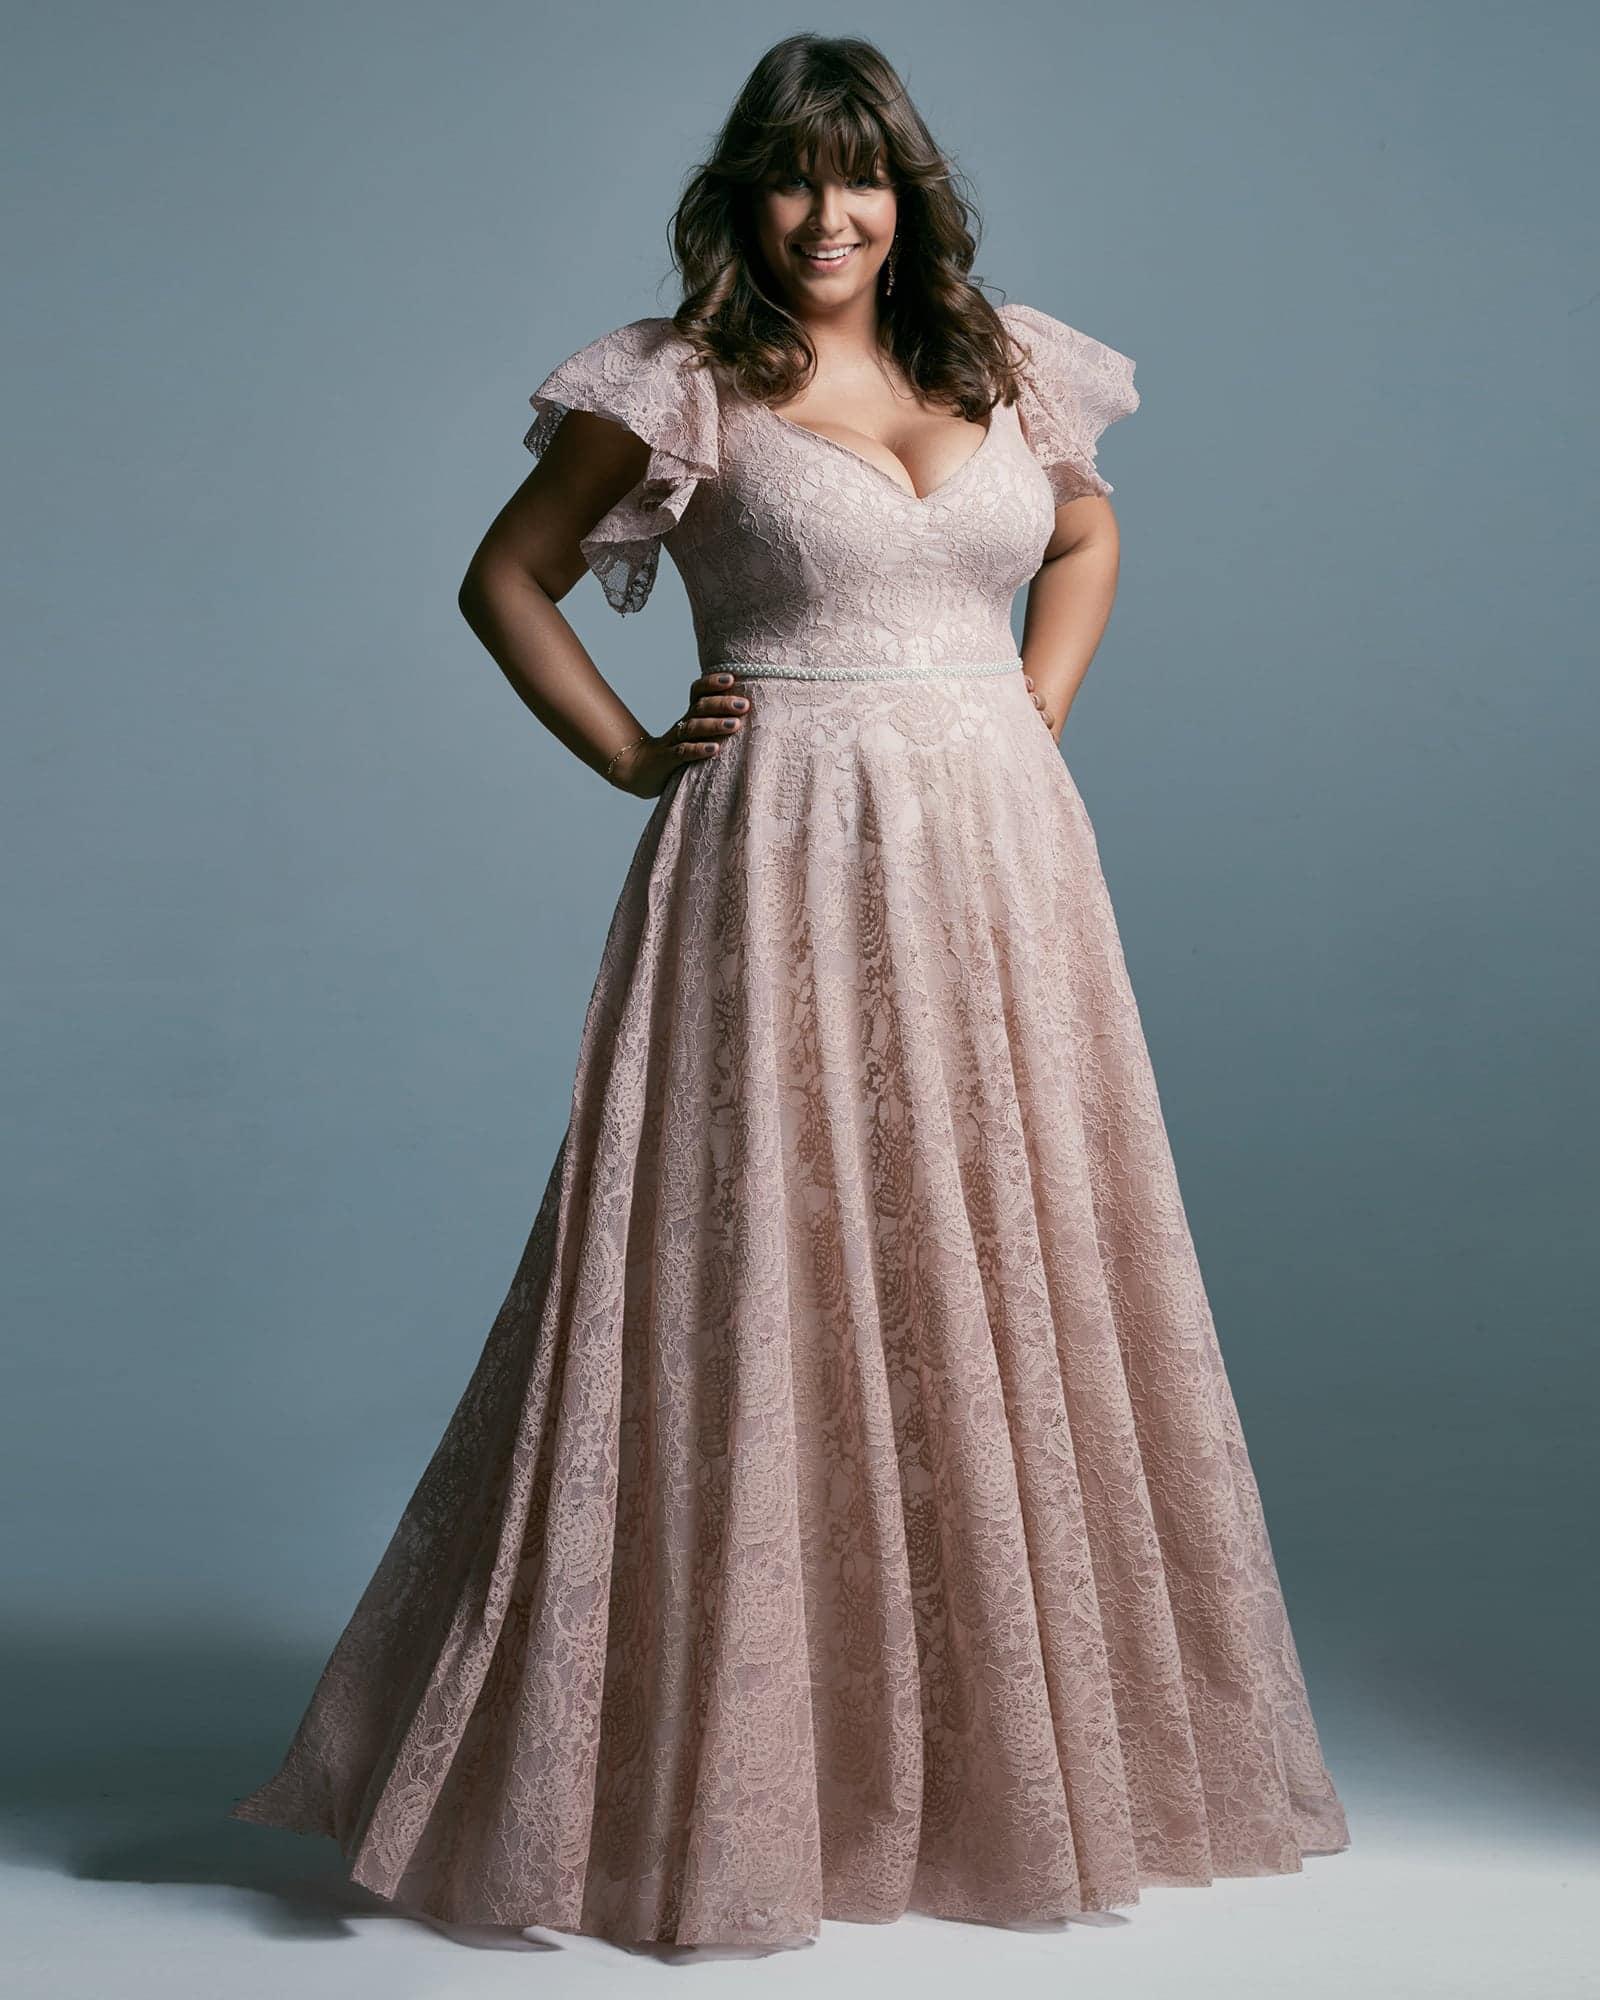 Suknia ślubna plus size z miękkich materiałów - prawdziwa księżniczka